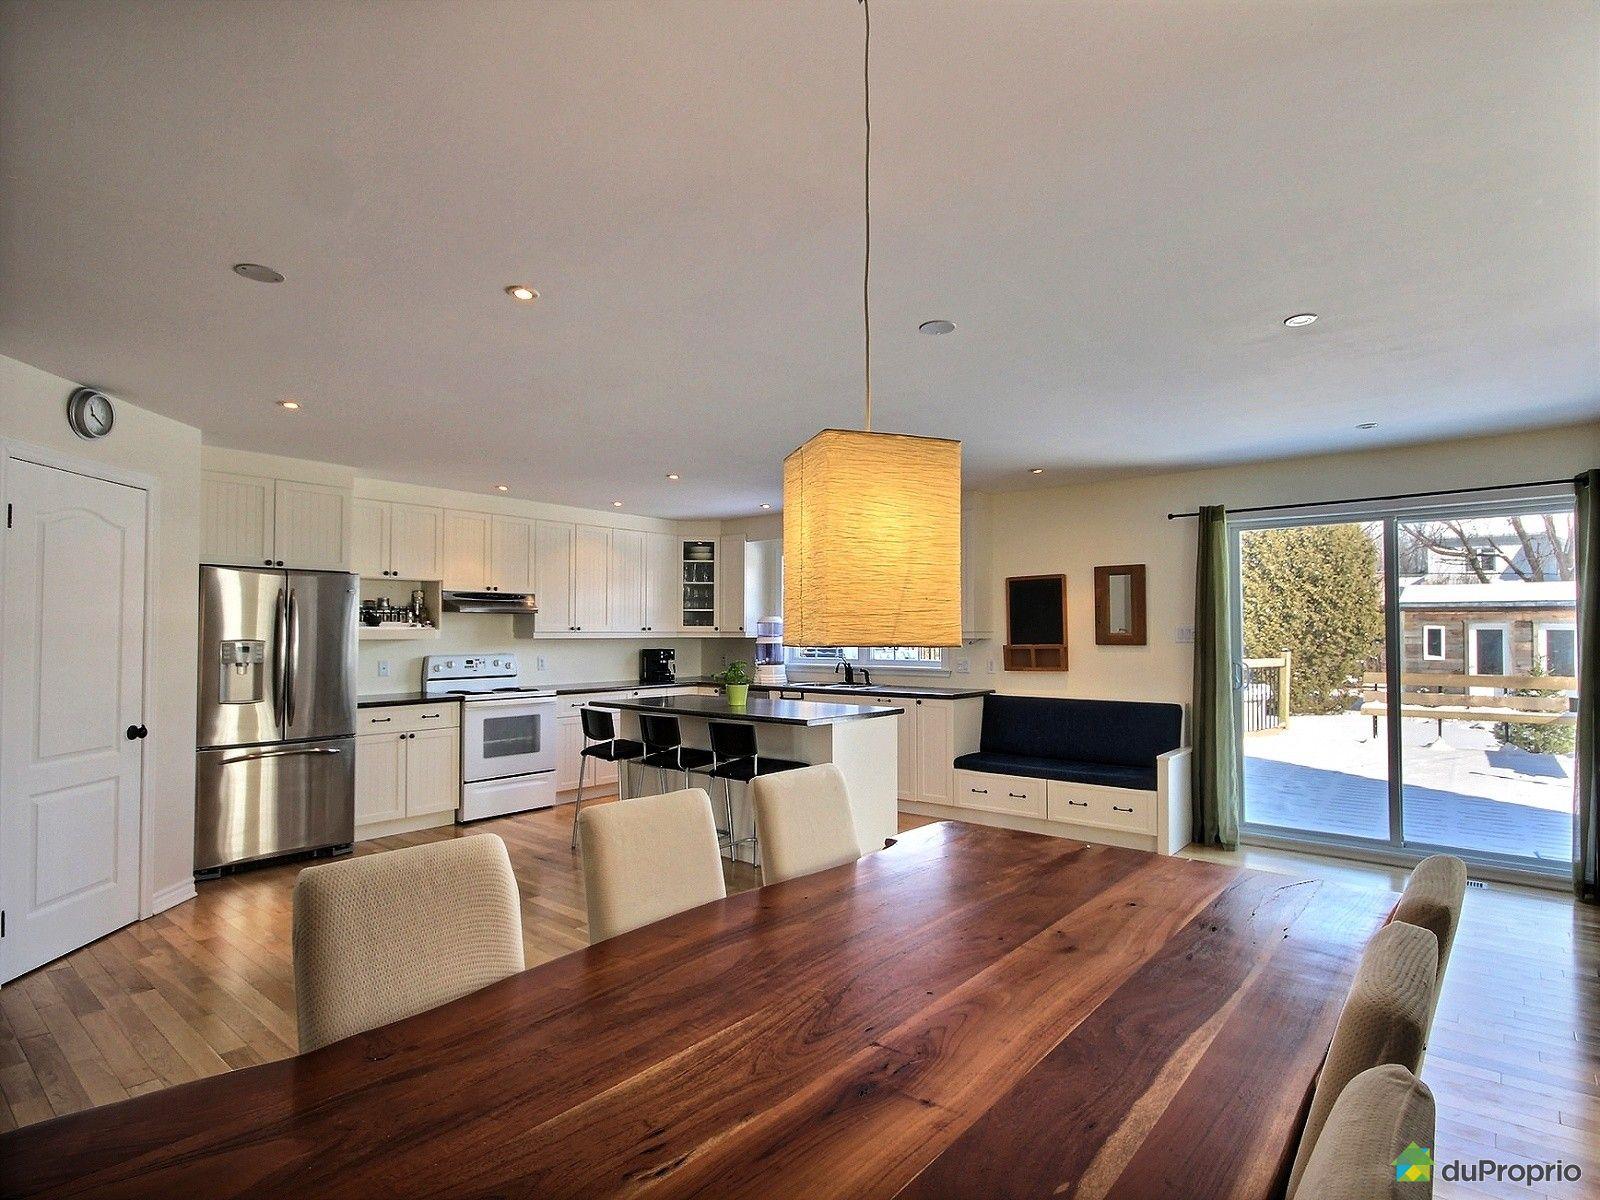 maison vendu richelieu immobilier qu bec duproprio 692115. Black Bedroom Furniture Sets. Home Design Ideas